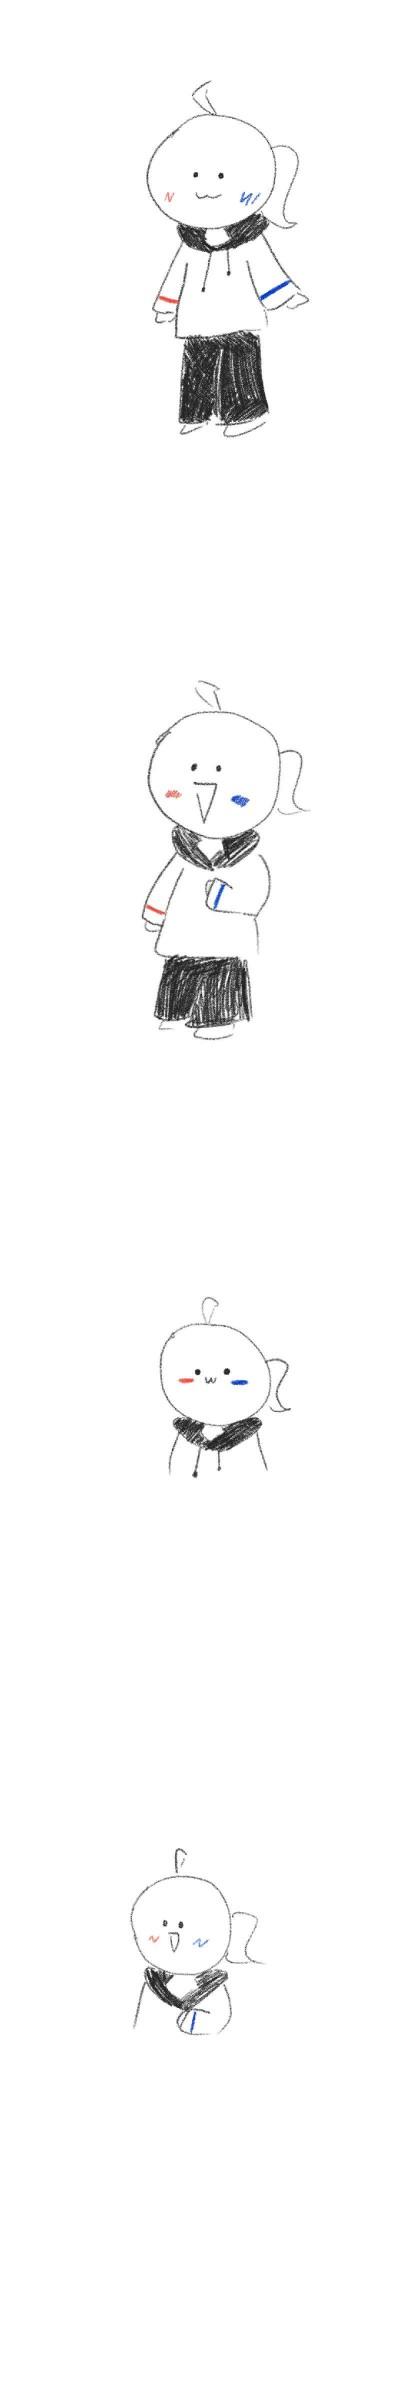 맄♡ | Milk_waffle | Digital Drawing | PENUP